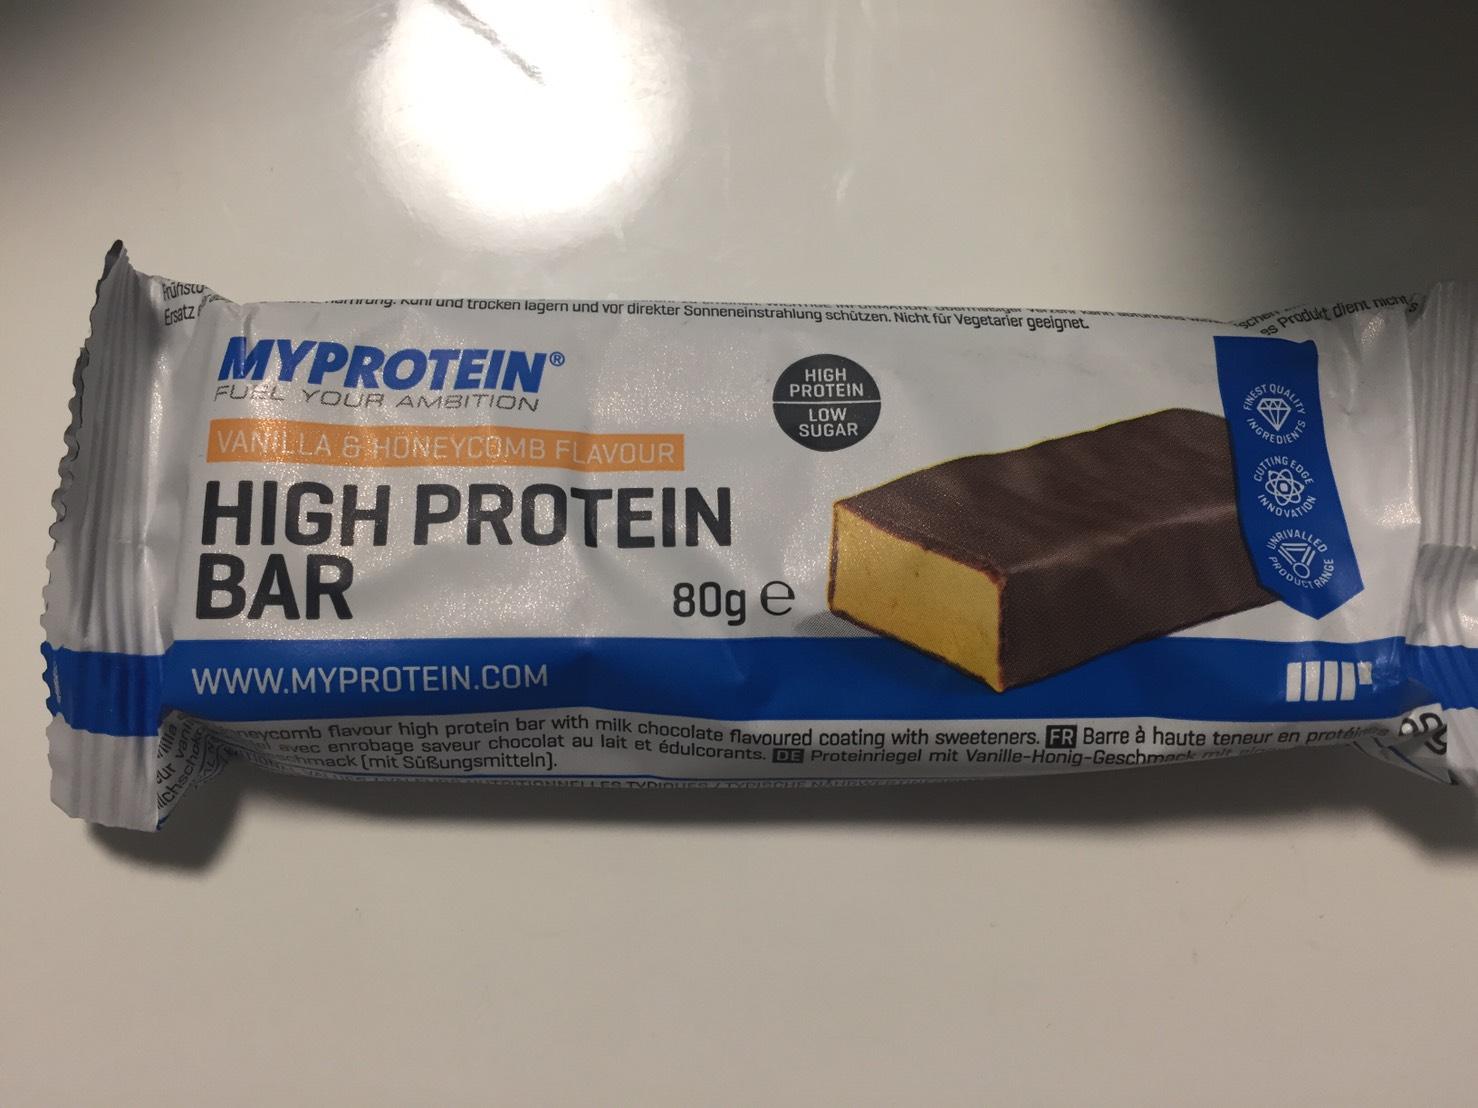 ハイプロテインバー(High Protein Bar)「VANILLA&HONEYCOMB FLAVOUR(バニラ&ハニーコンボ味)」の成分表